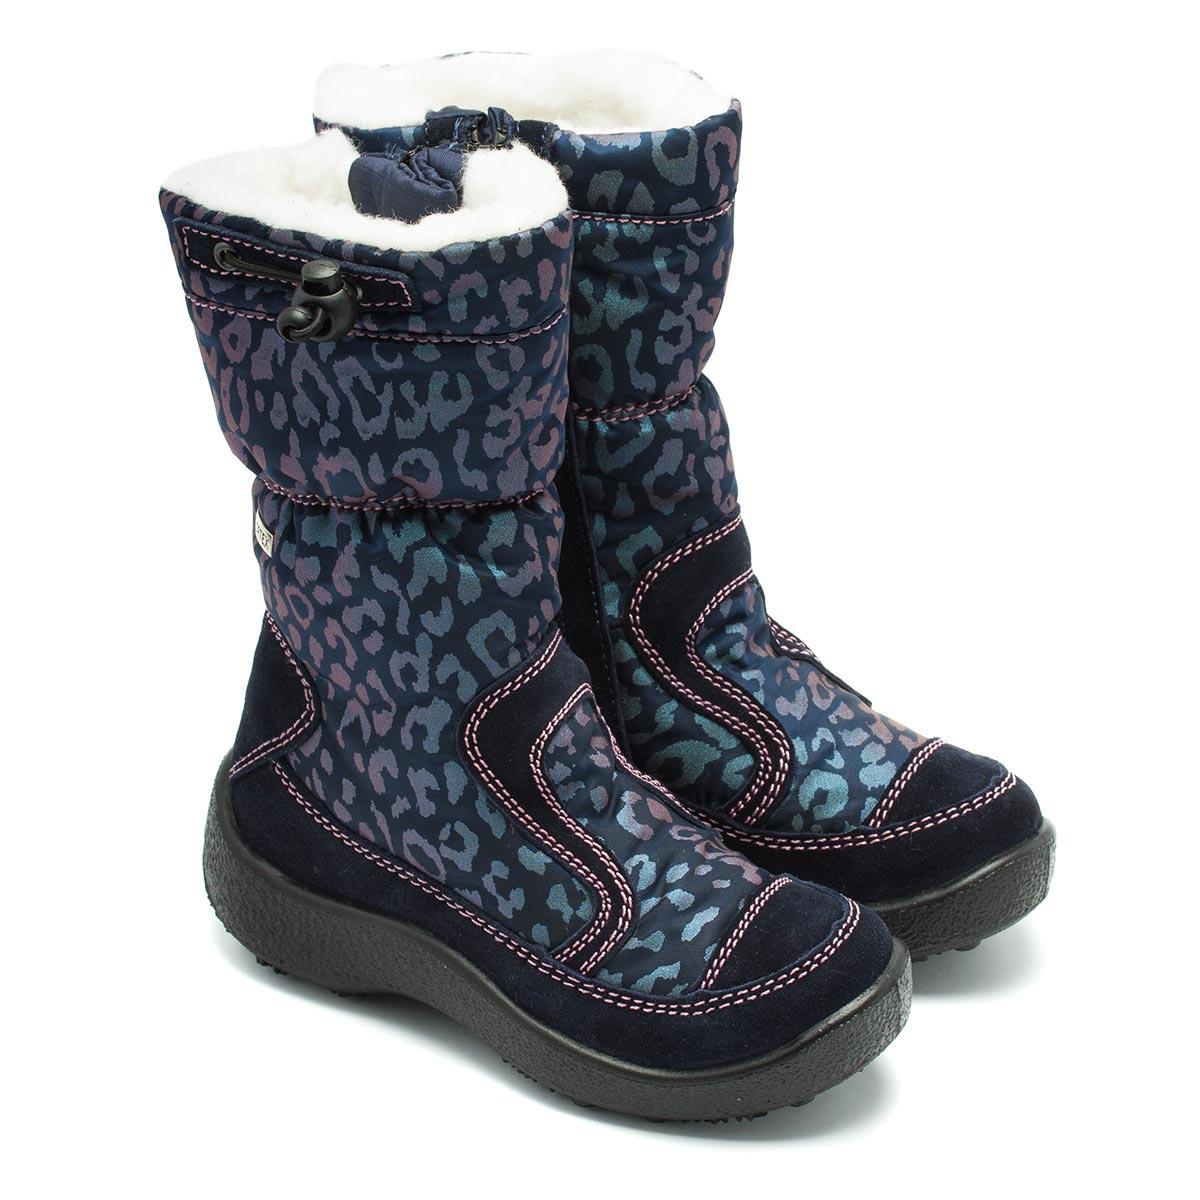 8b45f676d Мембранные сапоги Капика, для девочек, размер 28-36 - Детская обувь  ORTOPEDIC в